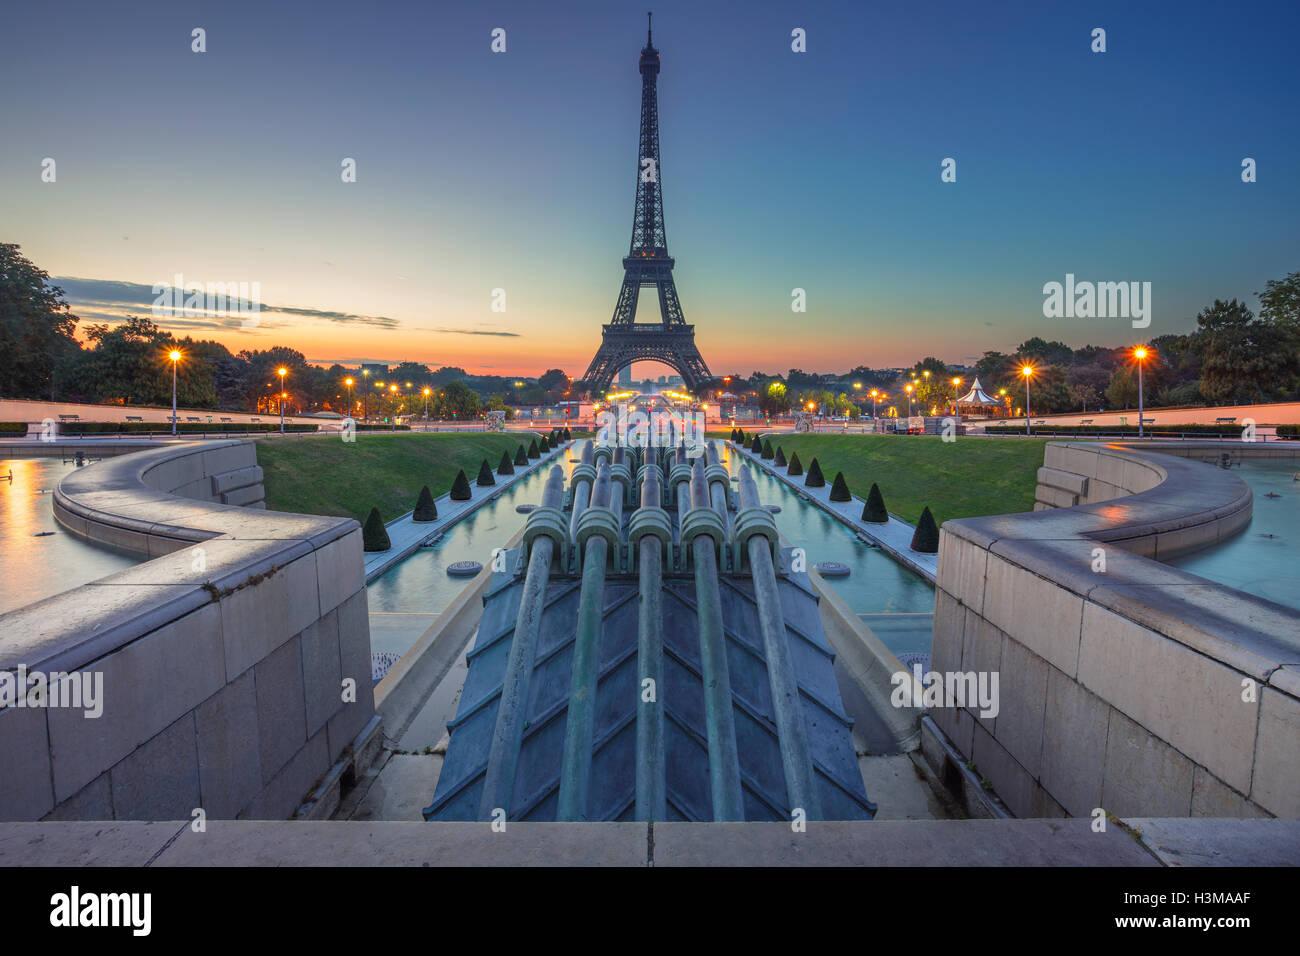 Parigi, Francia. Immagine di Parigi all'alba con la Torre Eiffel. Immagini Stock